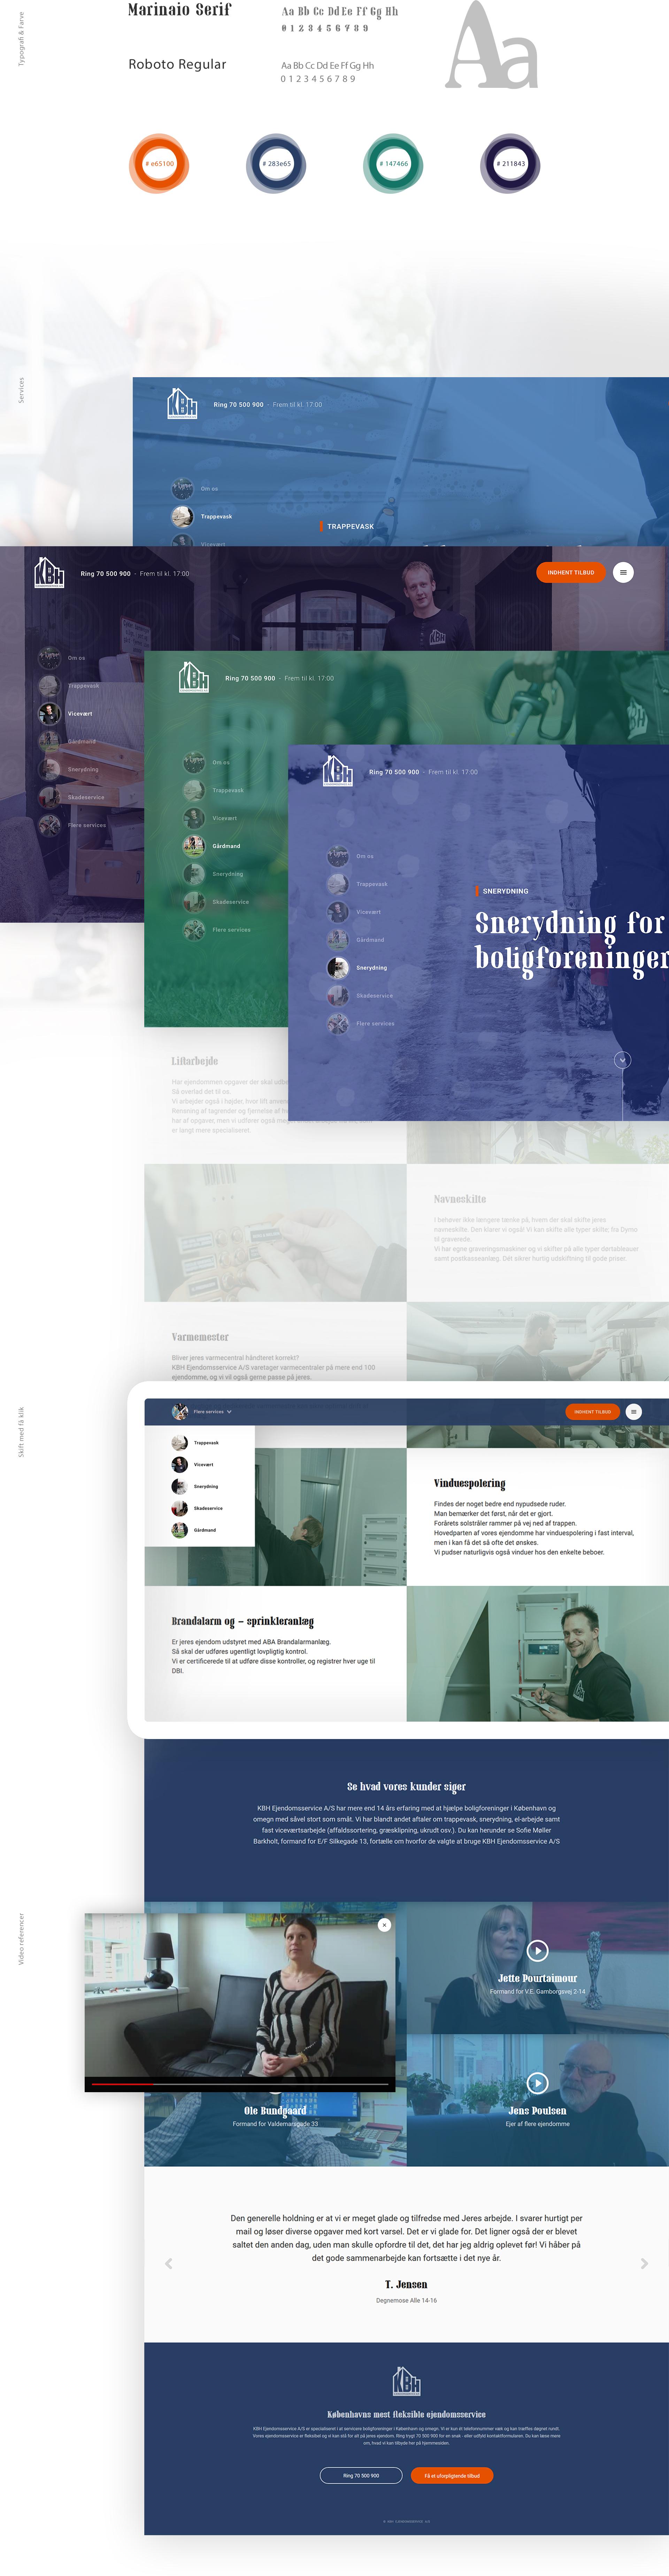 Kbh ejendomsservice typografi og farver